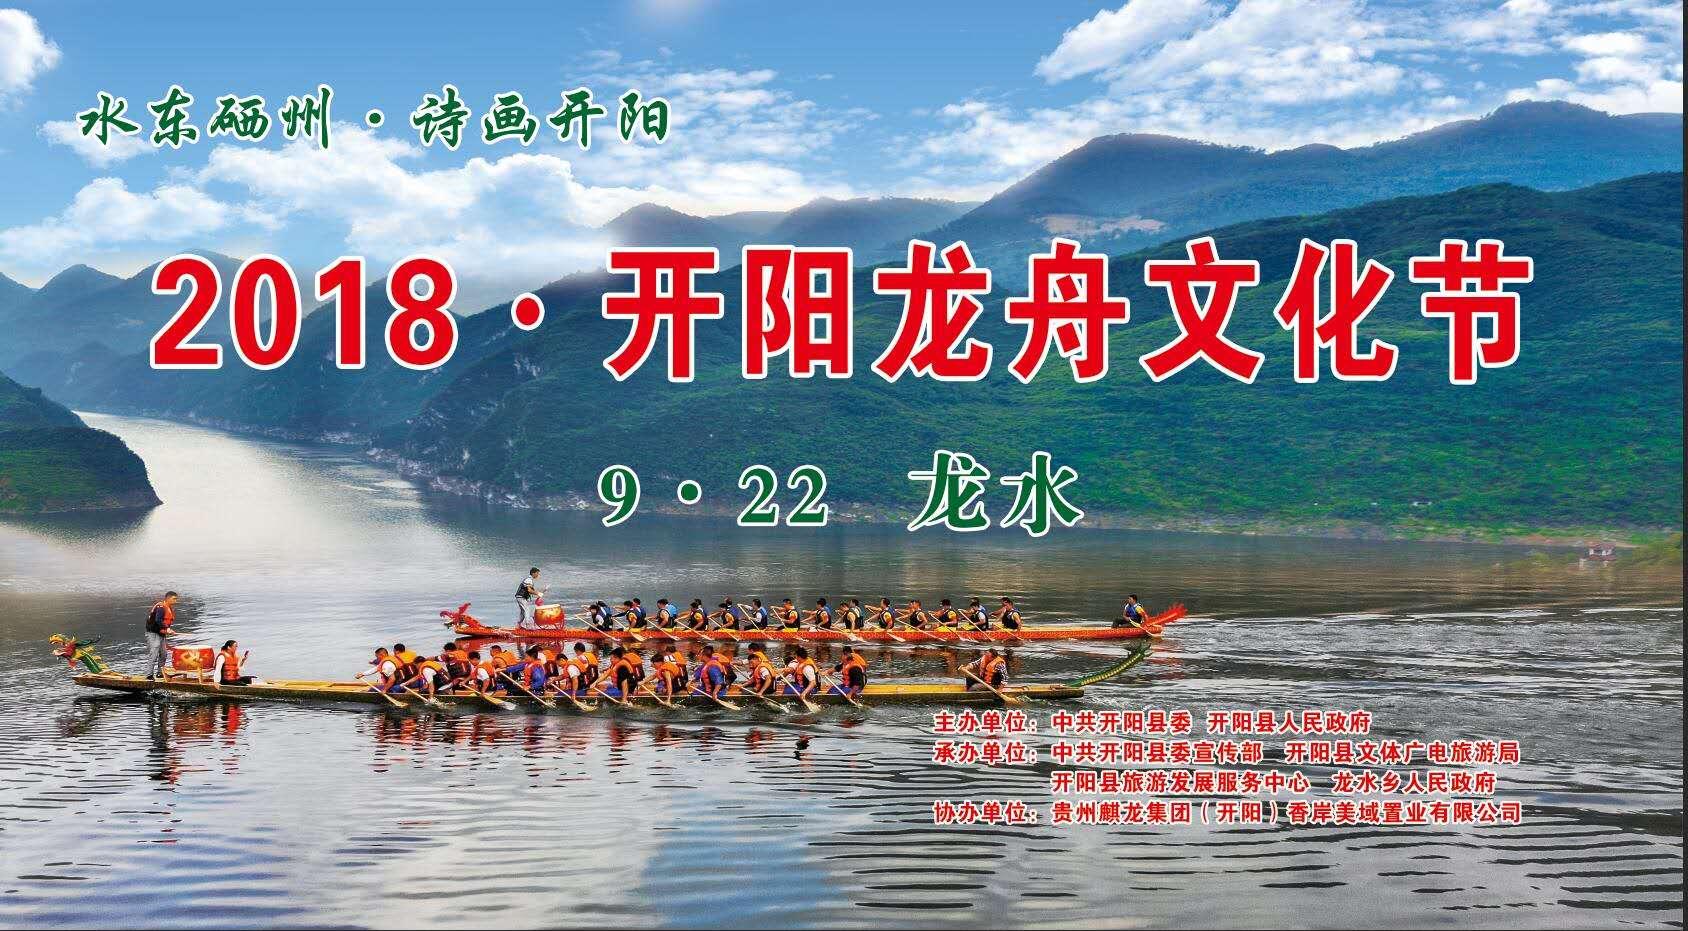 開陽縣龍水鄉2018年首屆龍舟文化節開幕式現場直播